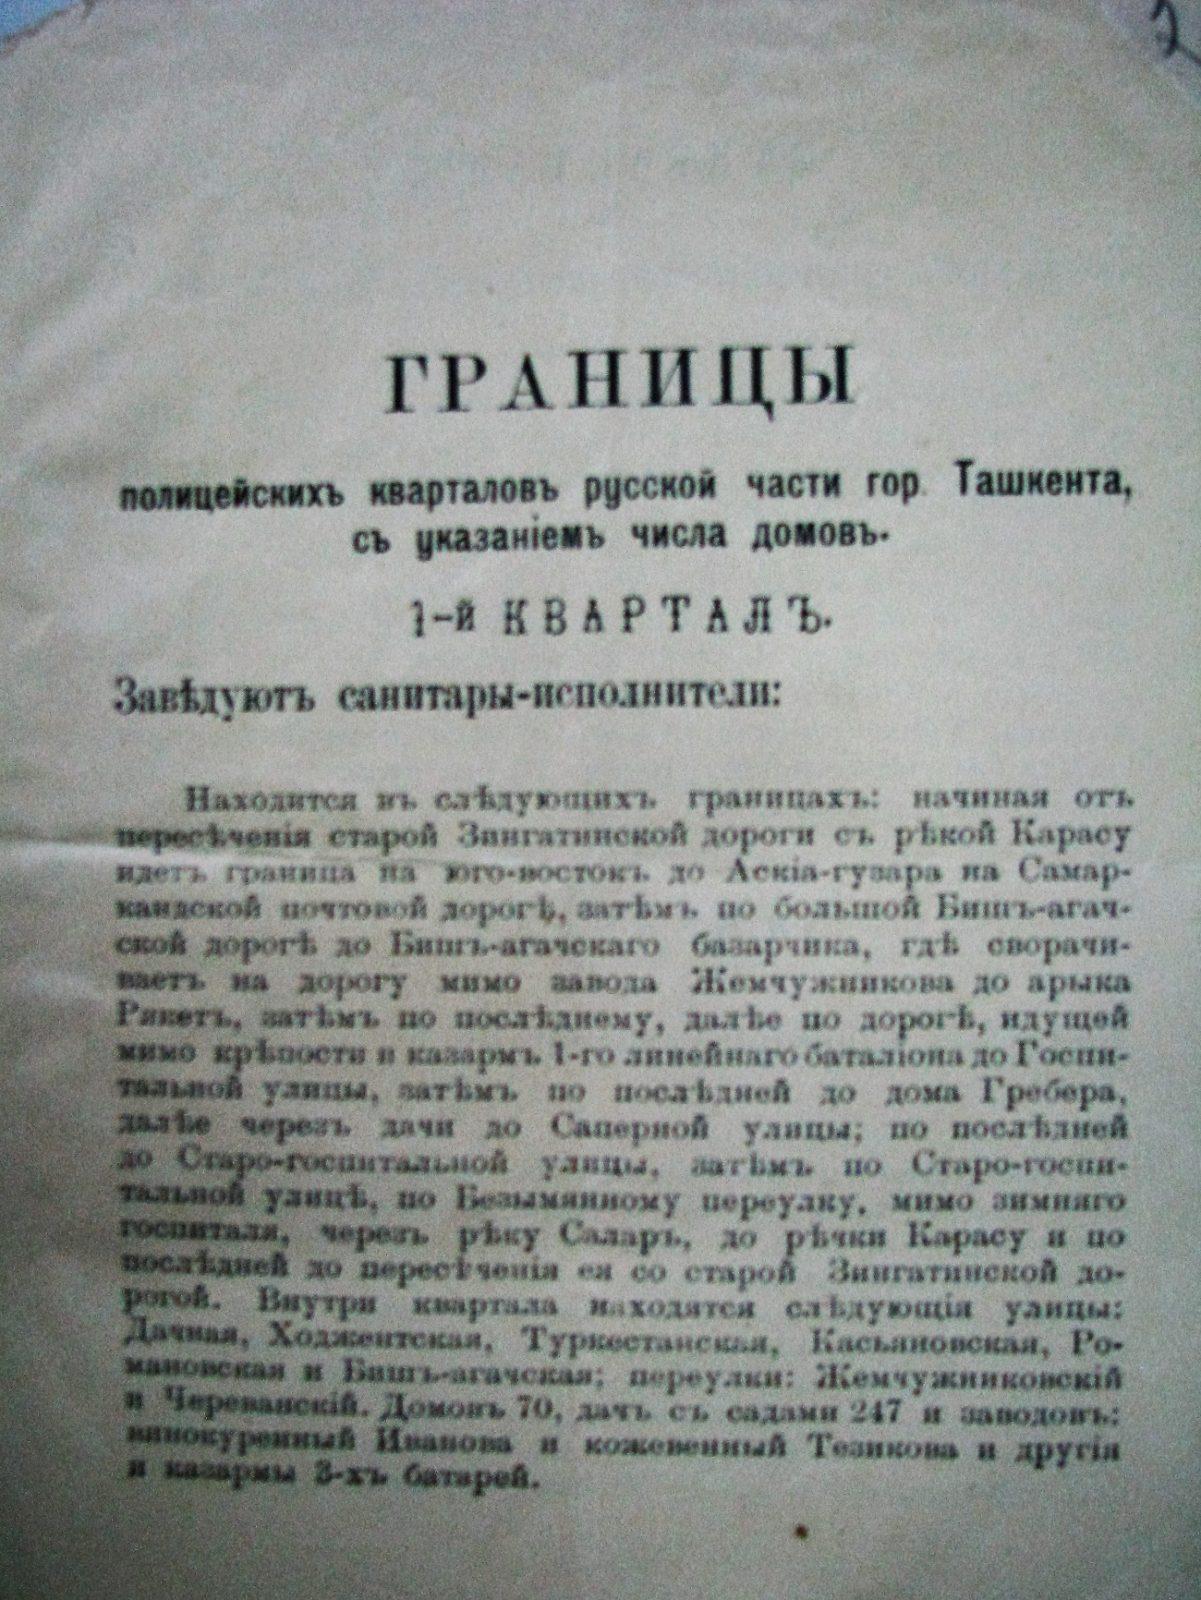 Ташкент_shosh (2)